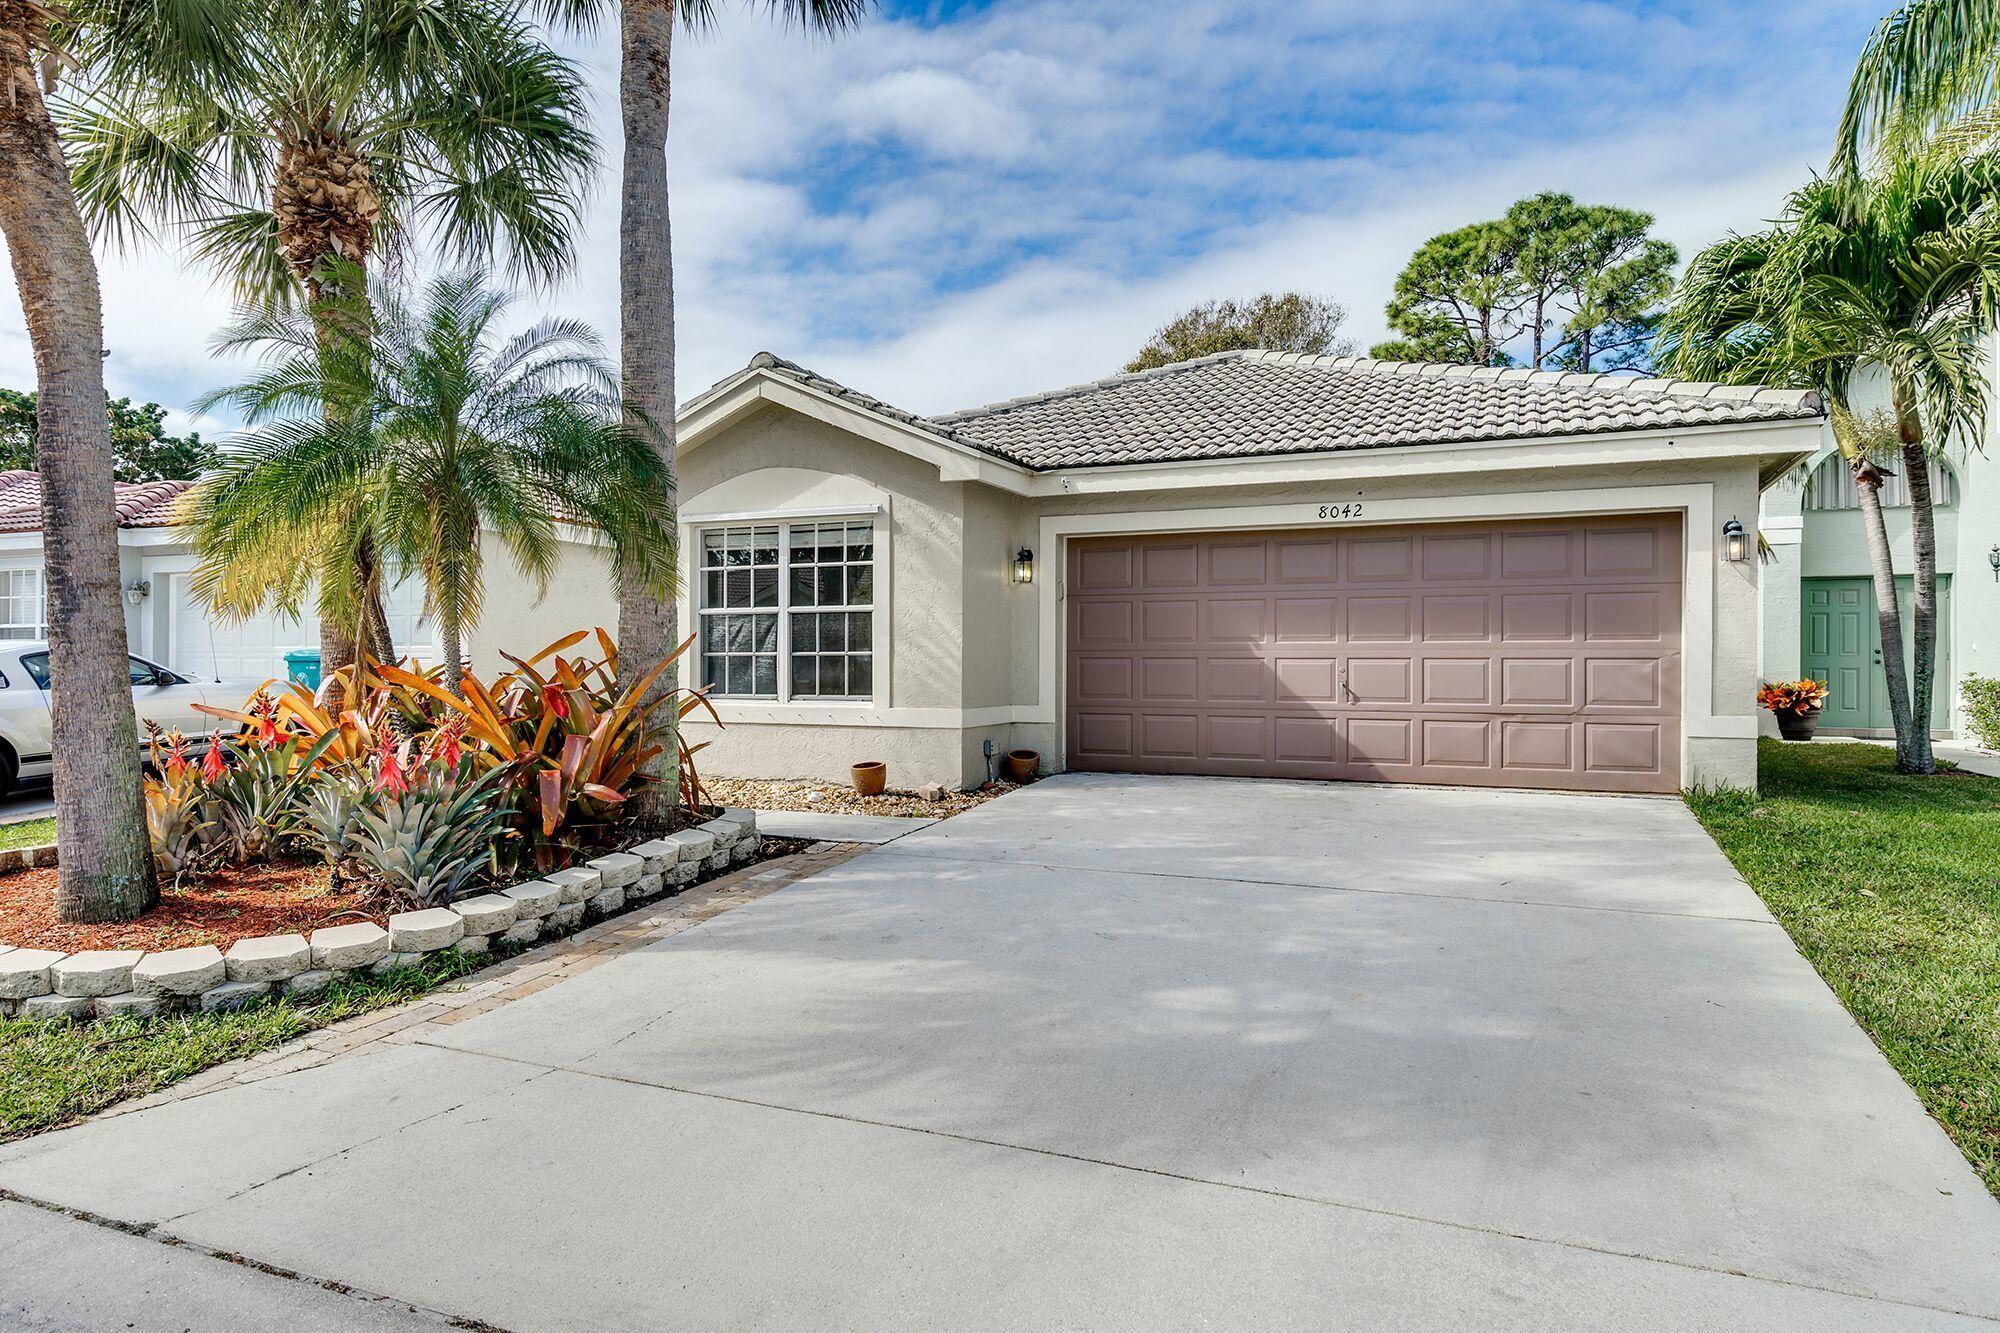 Home for sale in Nautica Boynton Beach Florida